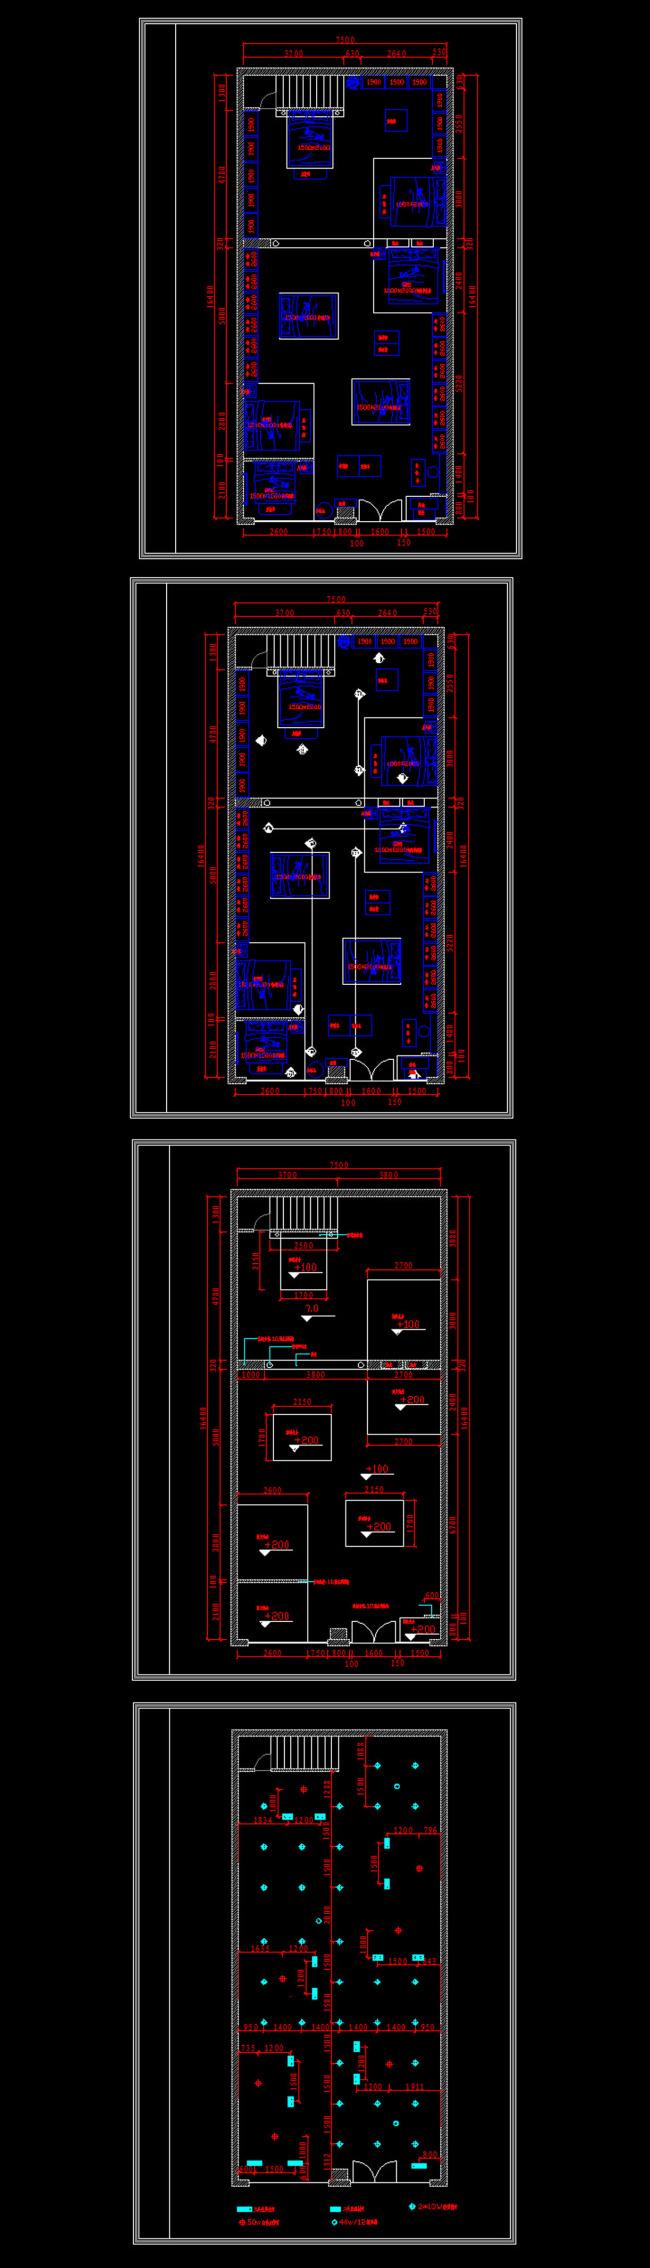 图模板下载 家纺城装修cad施工图图片下载 建筑施工图 室内装修施工图